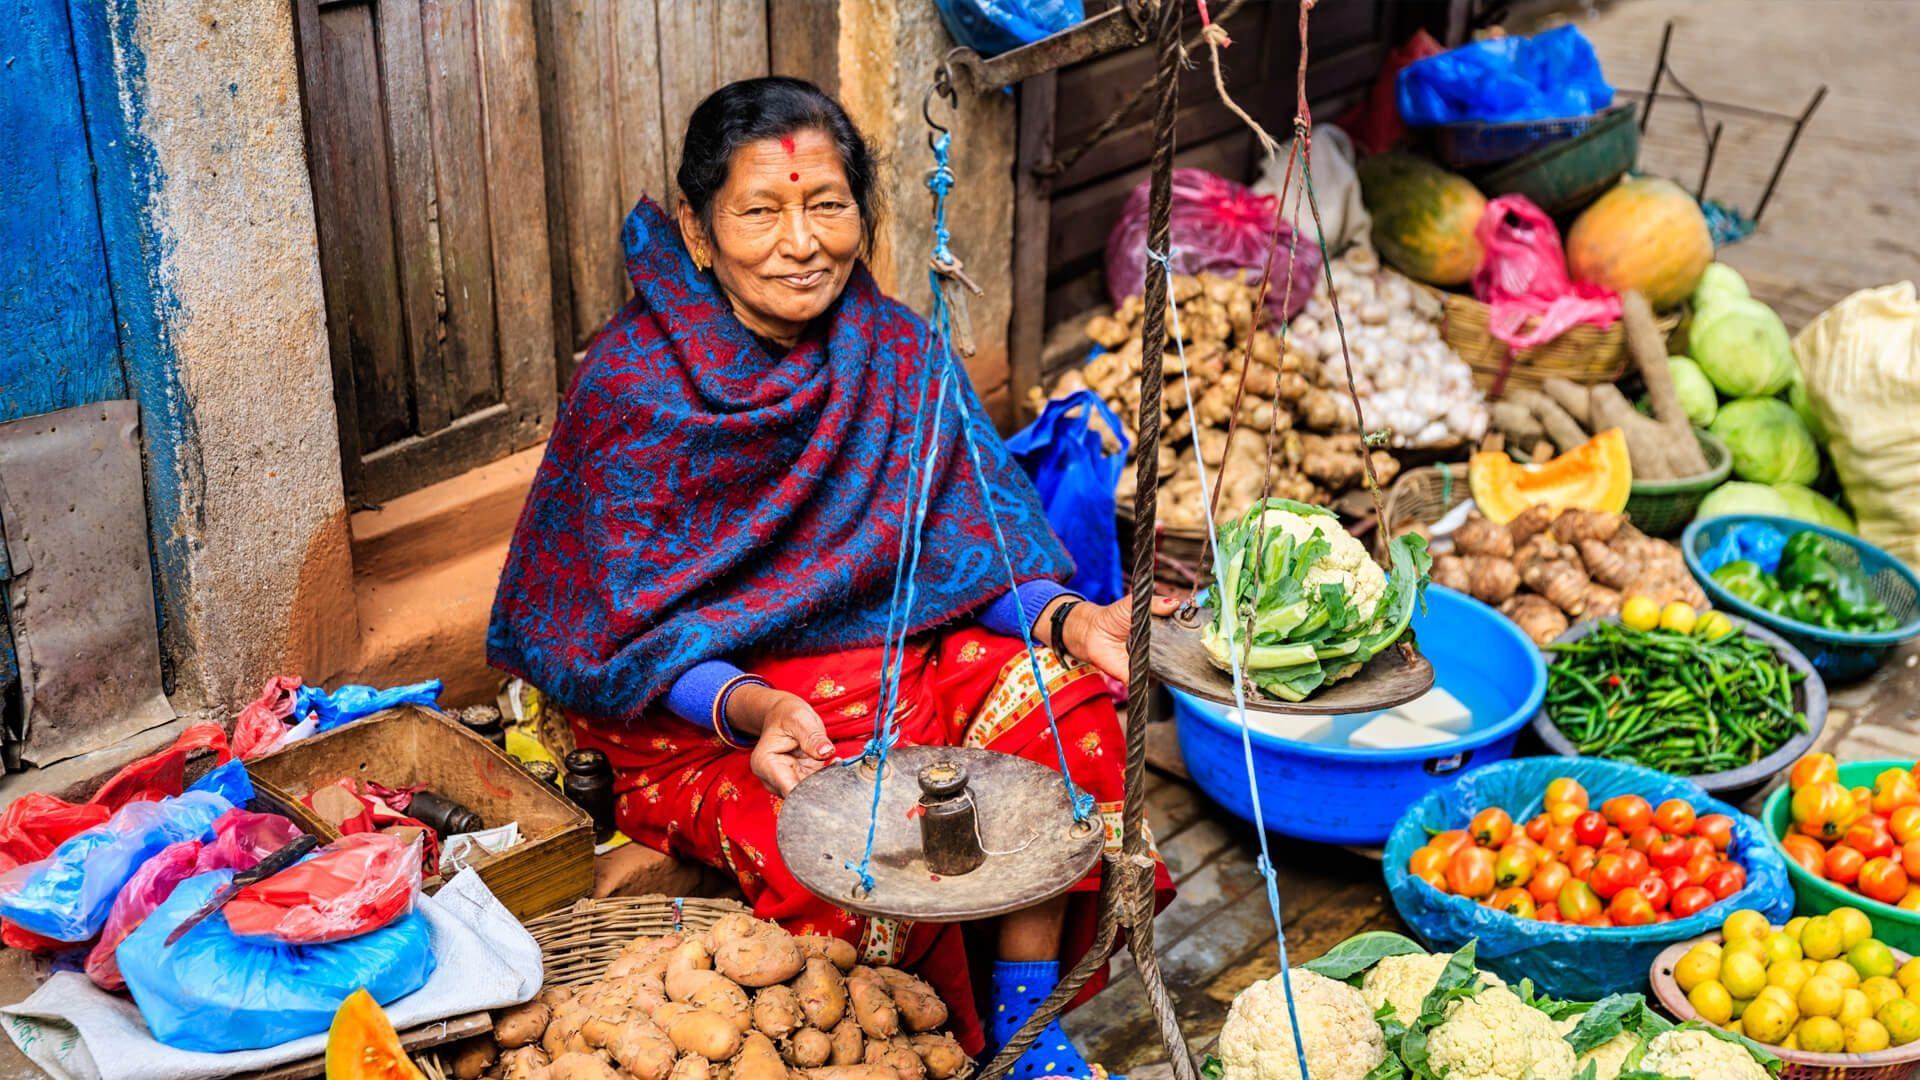 streetfood-nepal-women.jpg